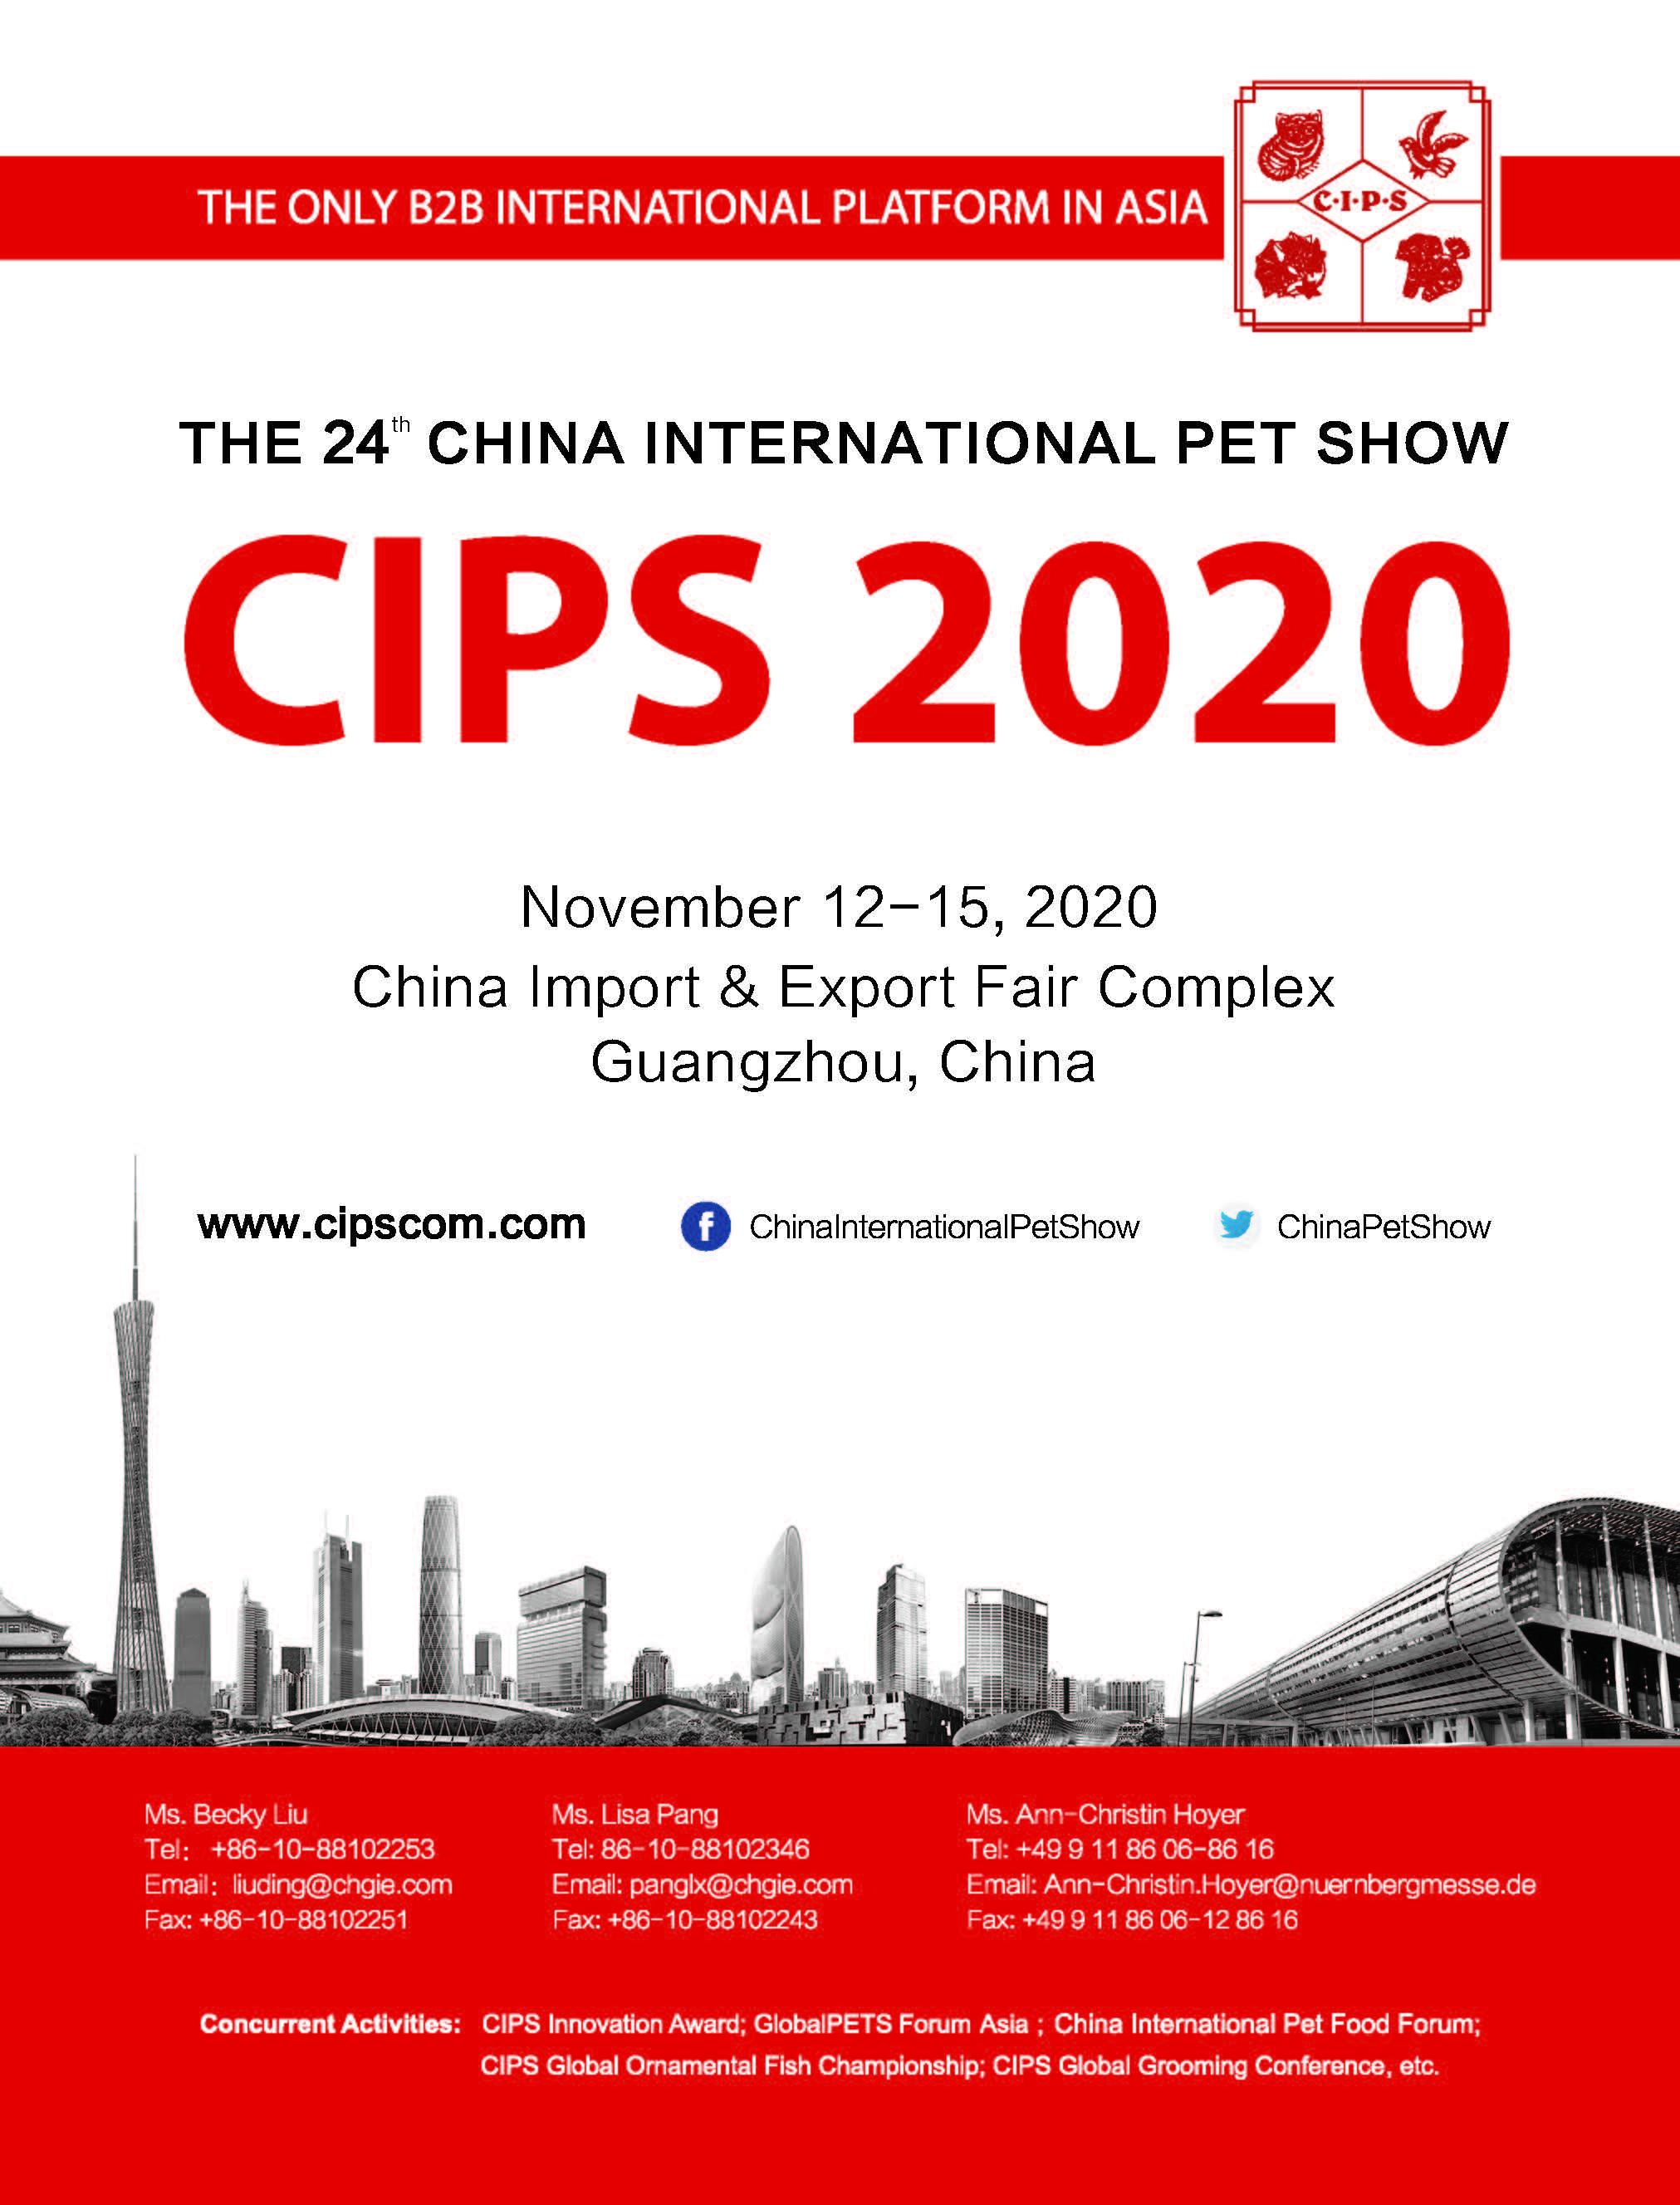 CIPS 2020 Concurrent Event List